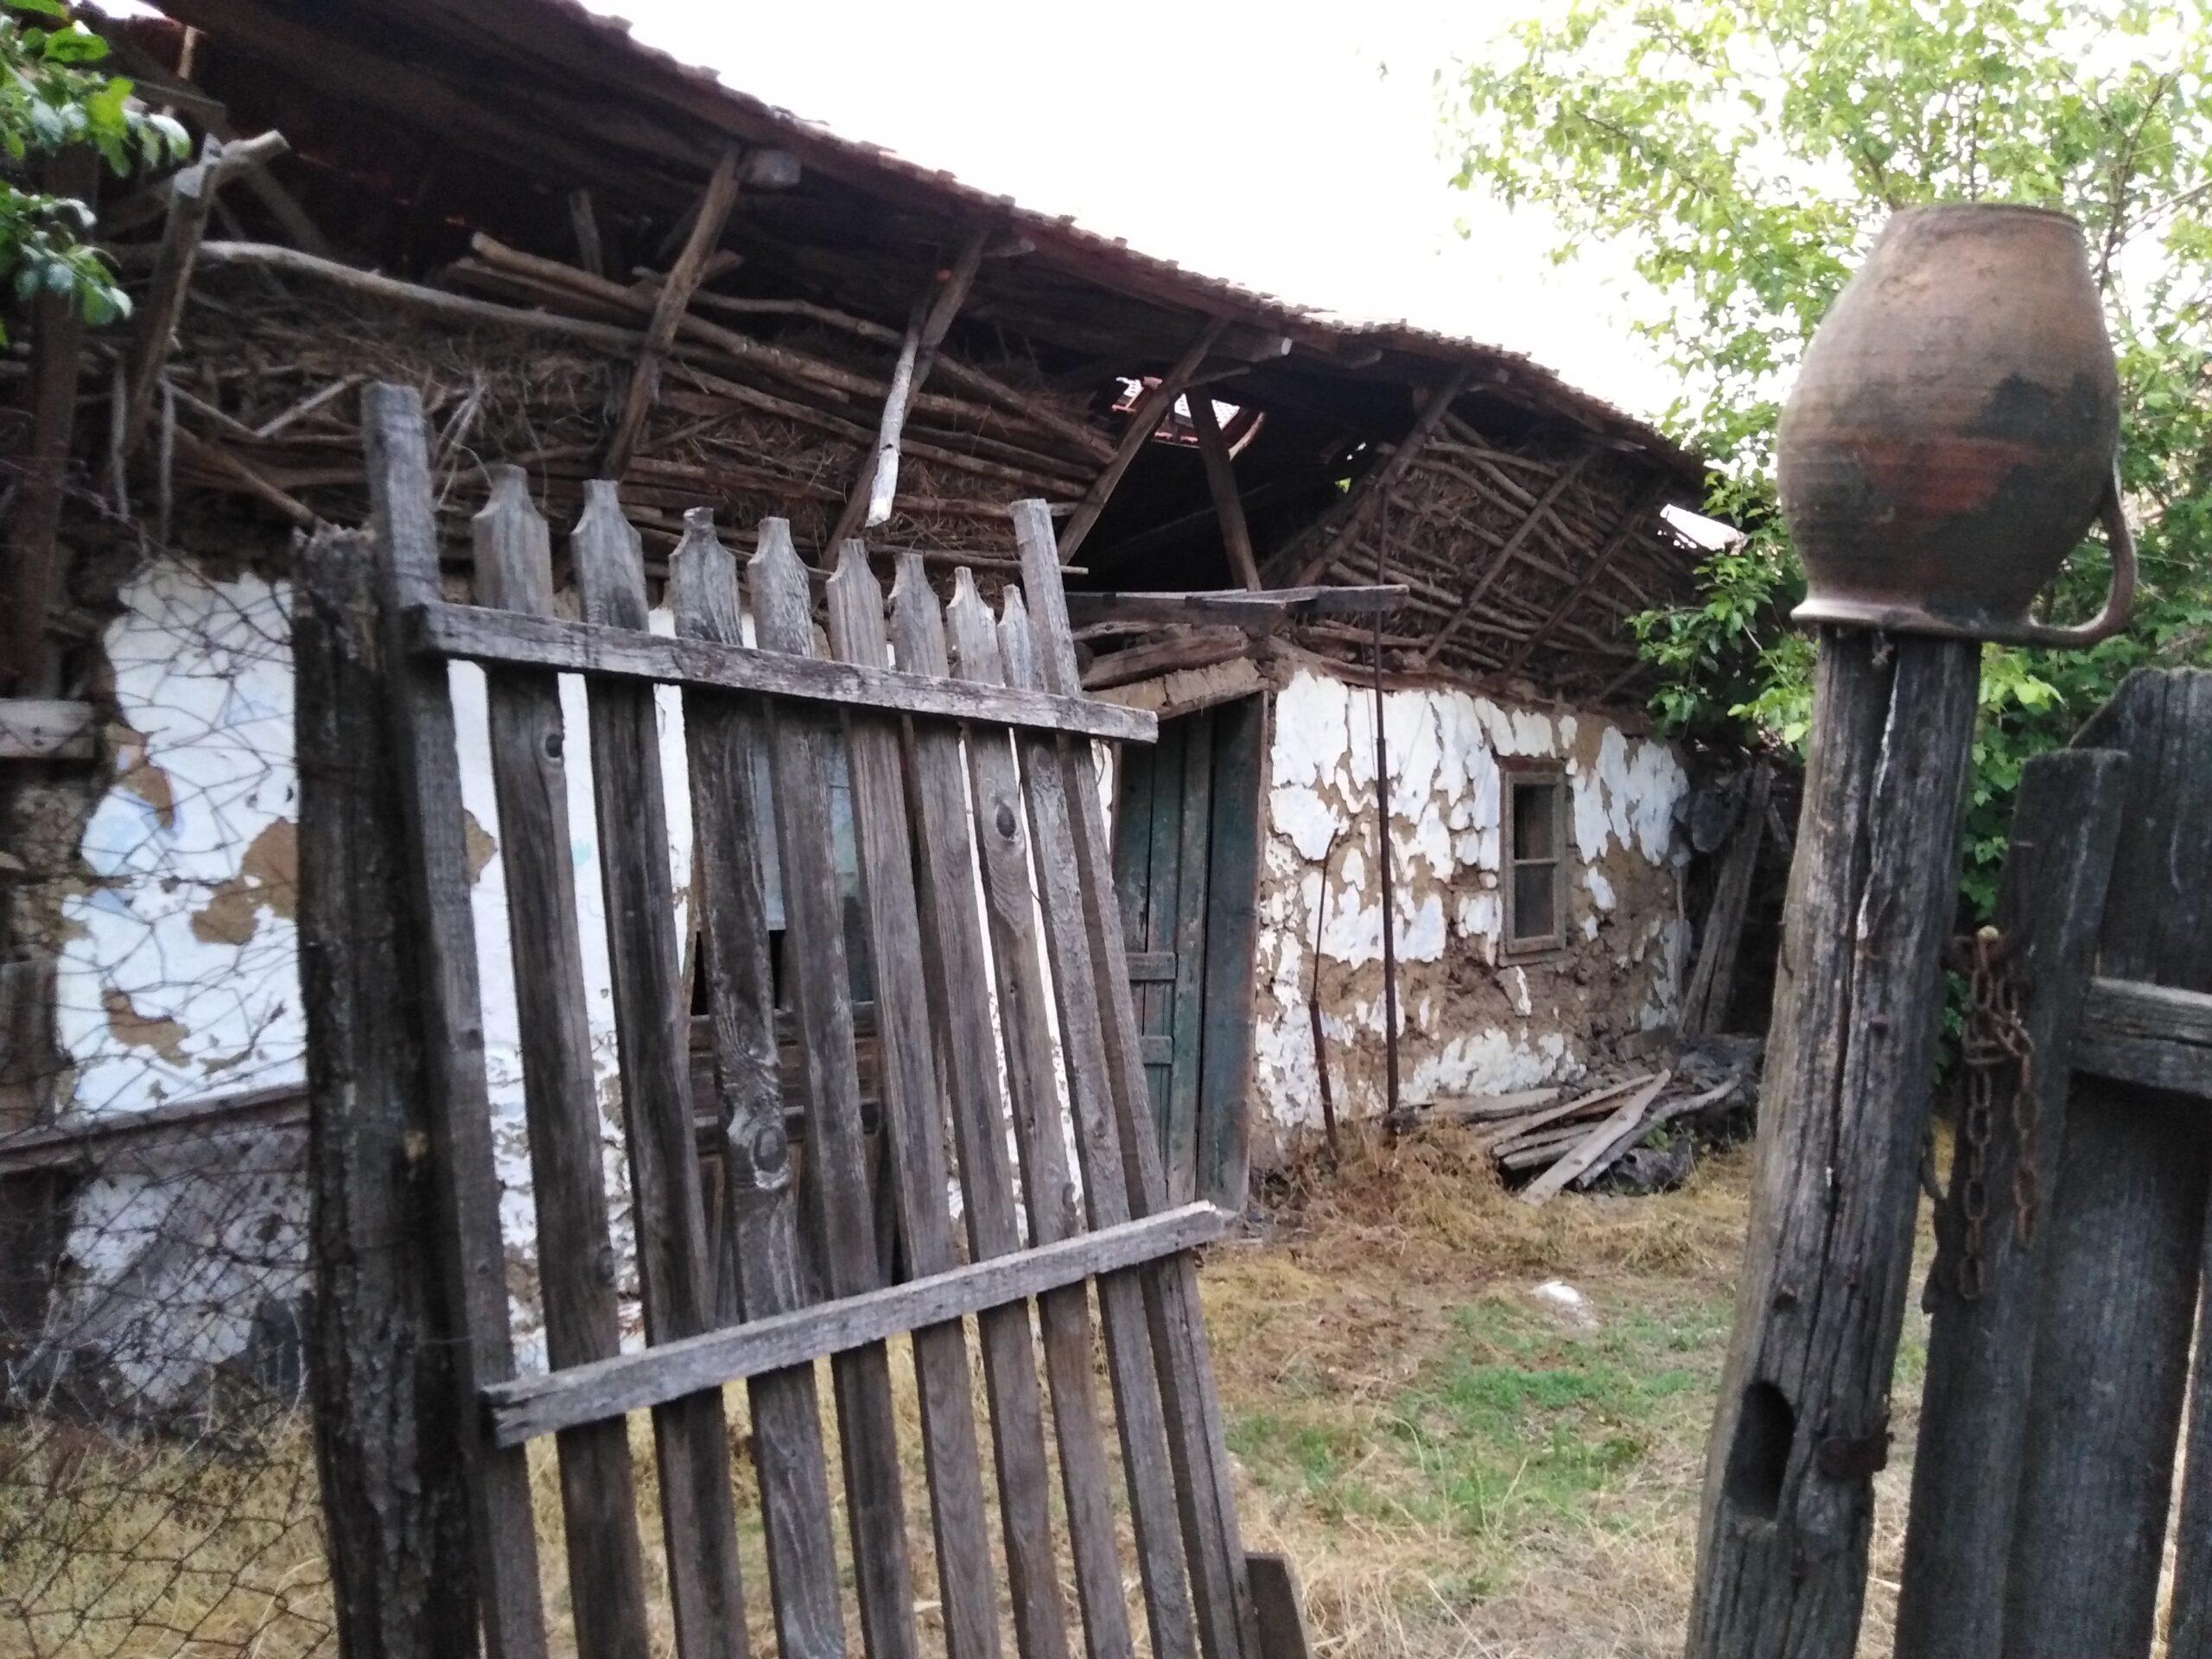 Satul românesc tradițional moare încet, încet odată cu oamenii.